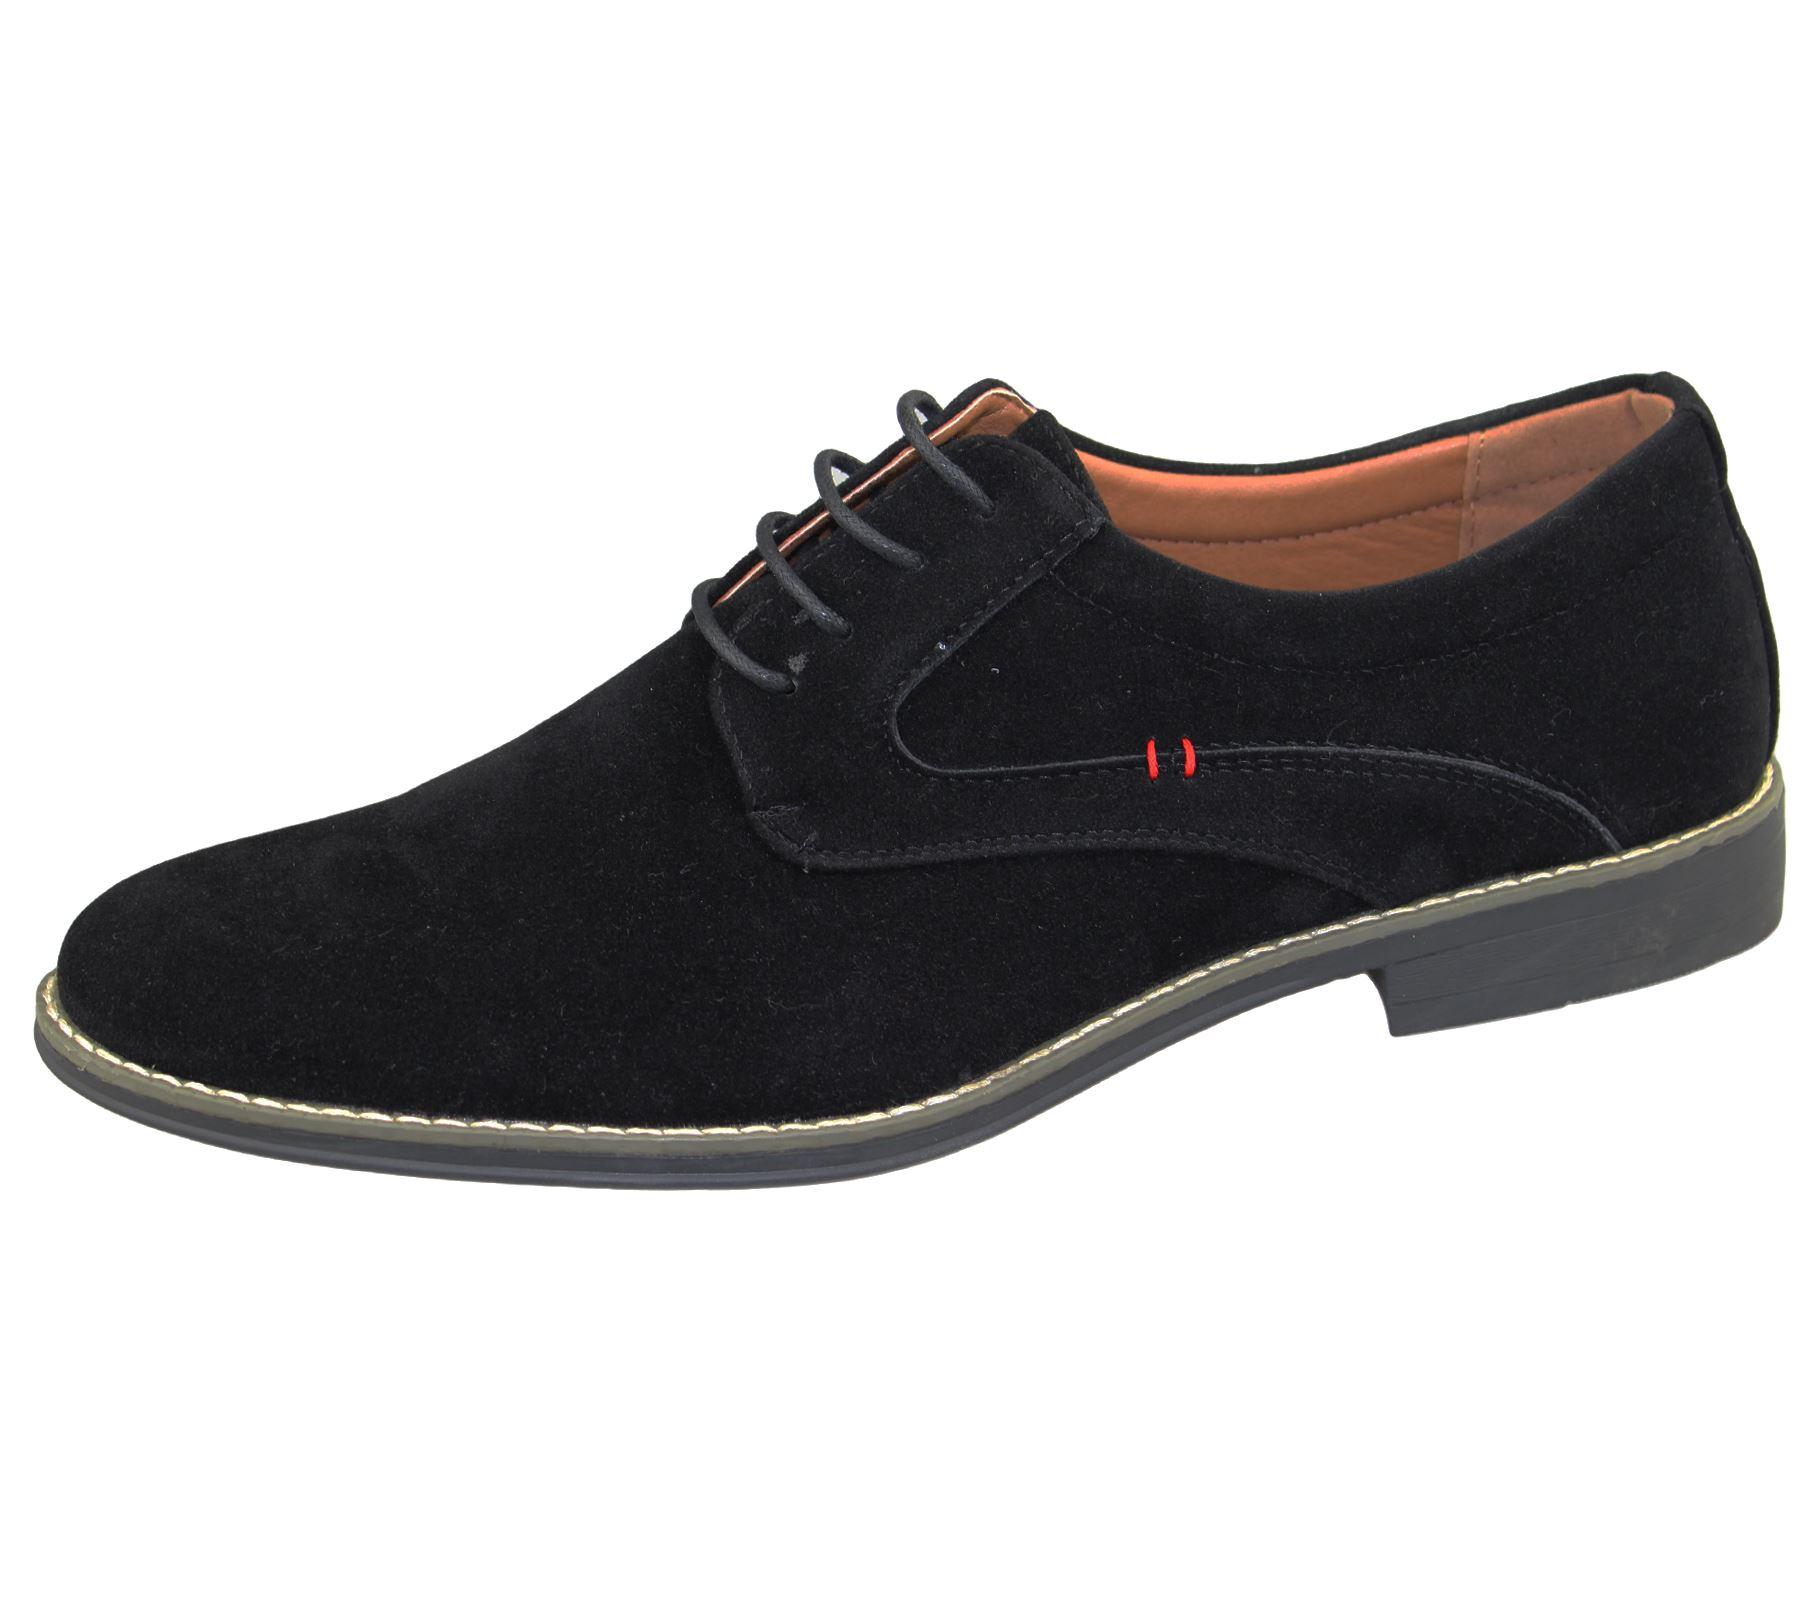 Mens Smart Shoes Amazon